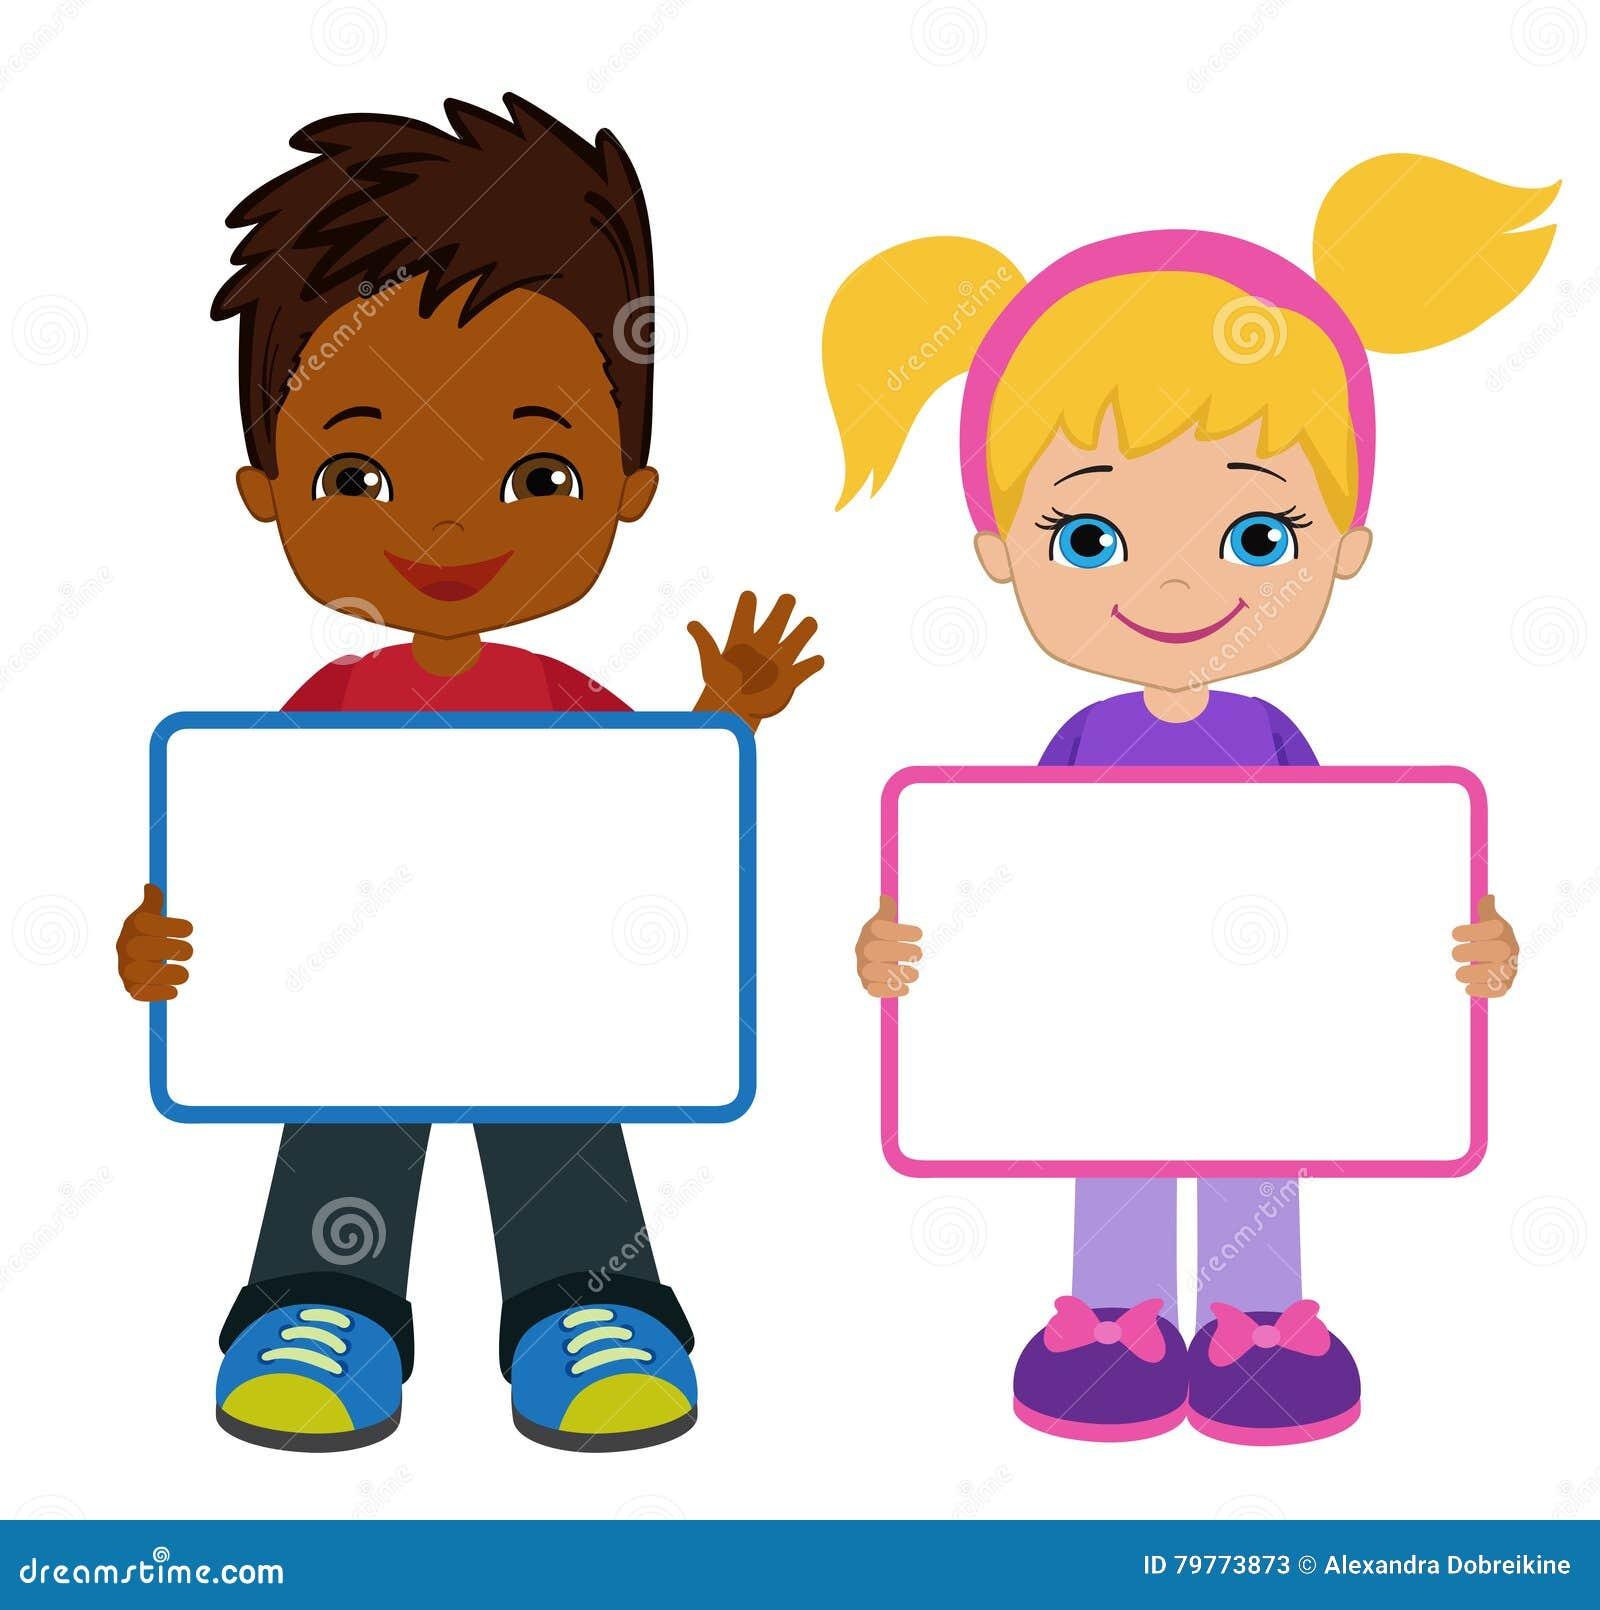 Kinder Mit Zeichen Bricht-Kinder Rahmen-Brett Clipart Weißes Brett ...